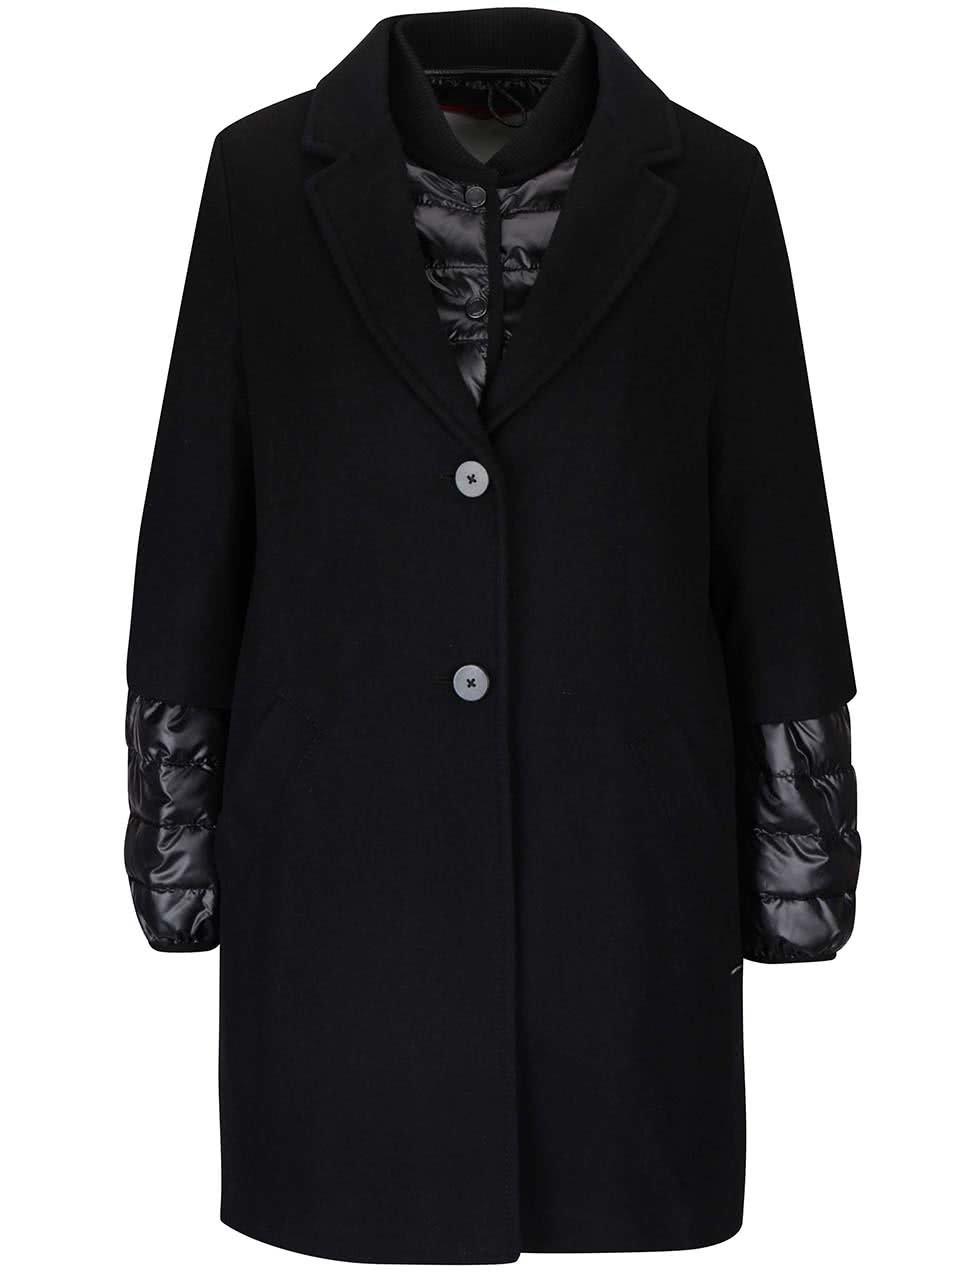 Černý dámský vlněný kabát s bundou 2v1 s.Oliver